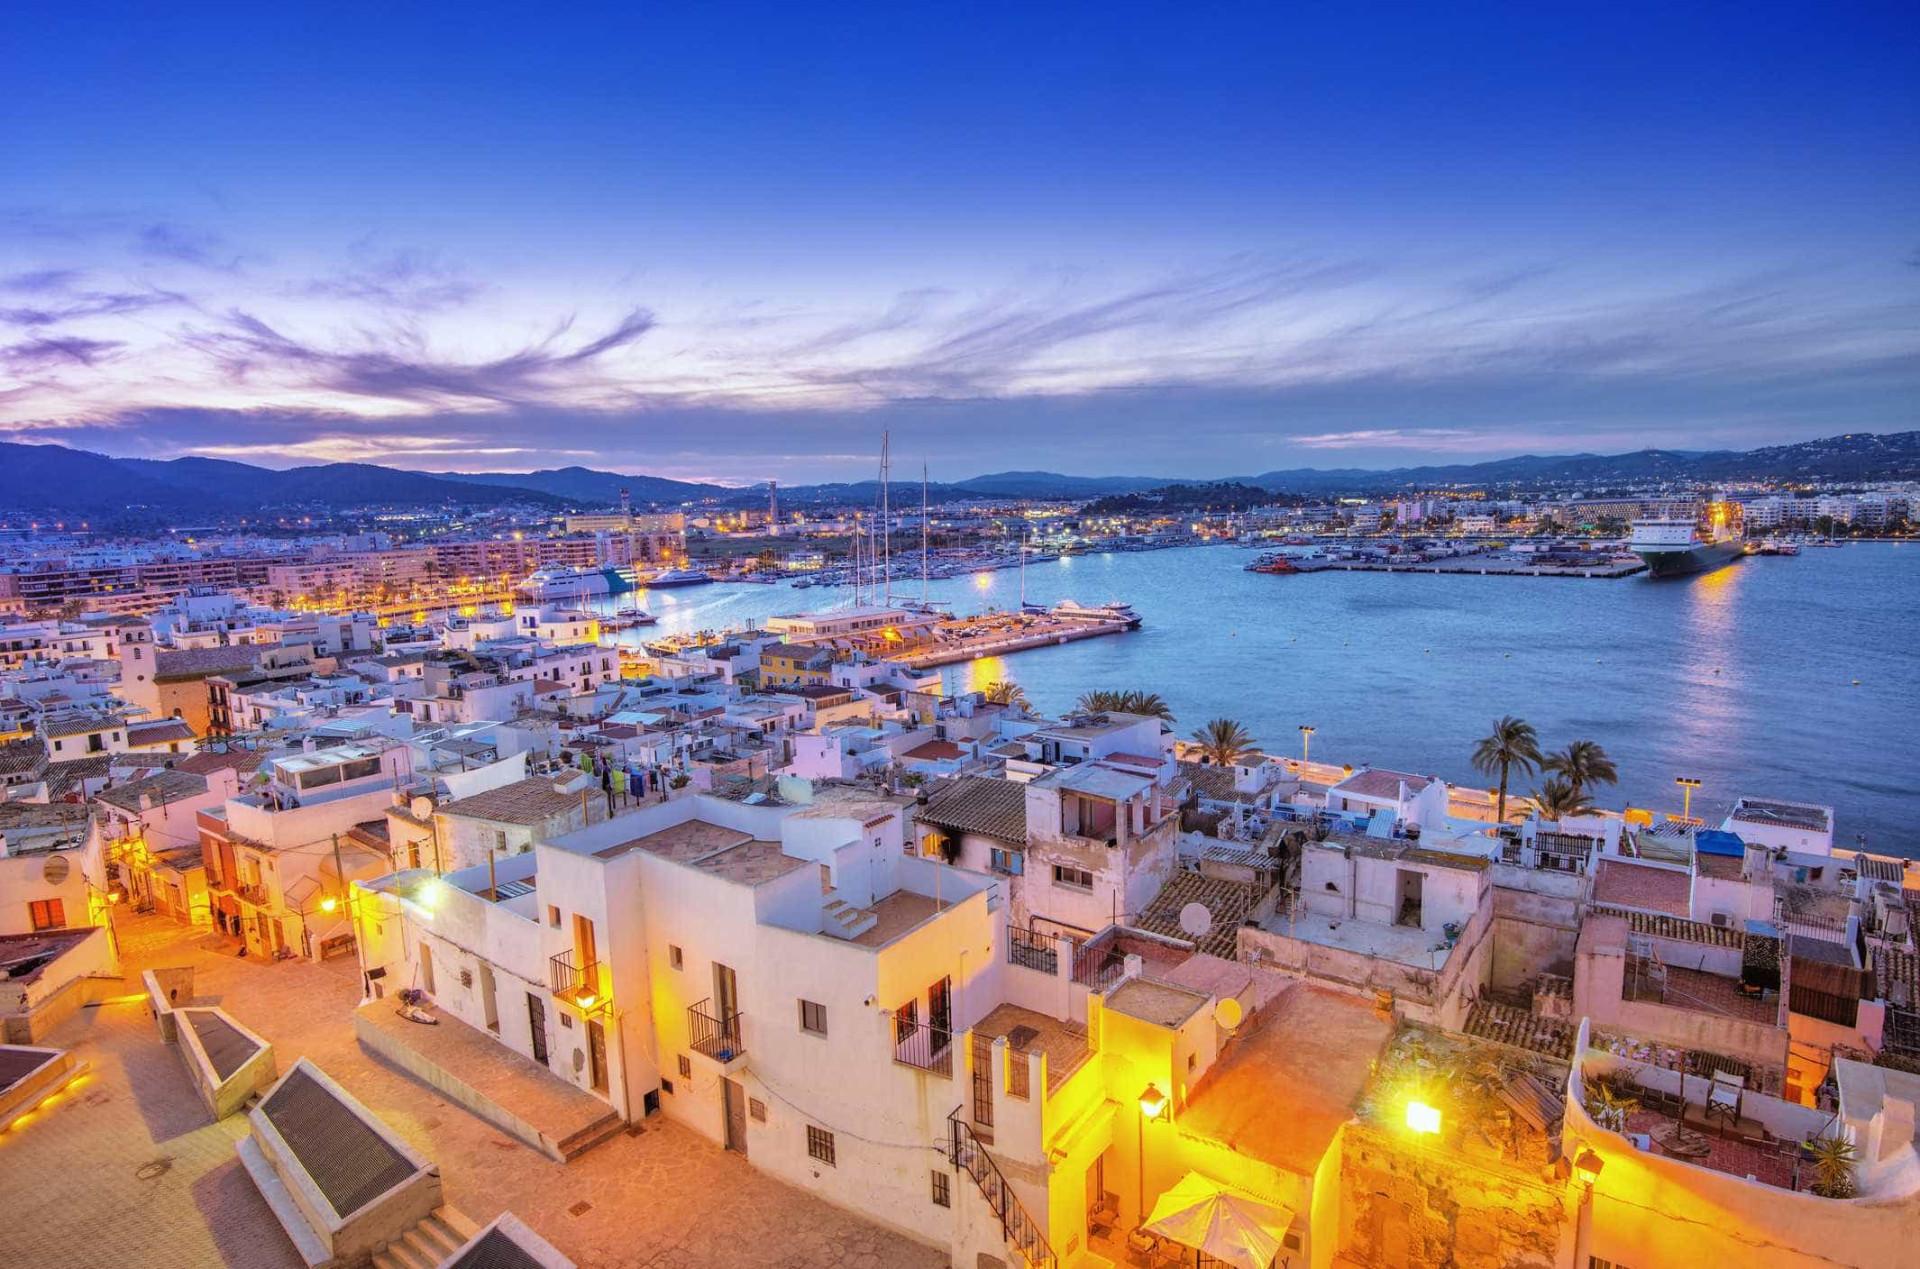 Conheça algumas das mais belas ilhas europeias